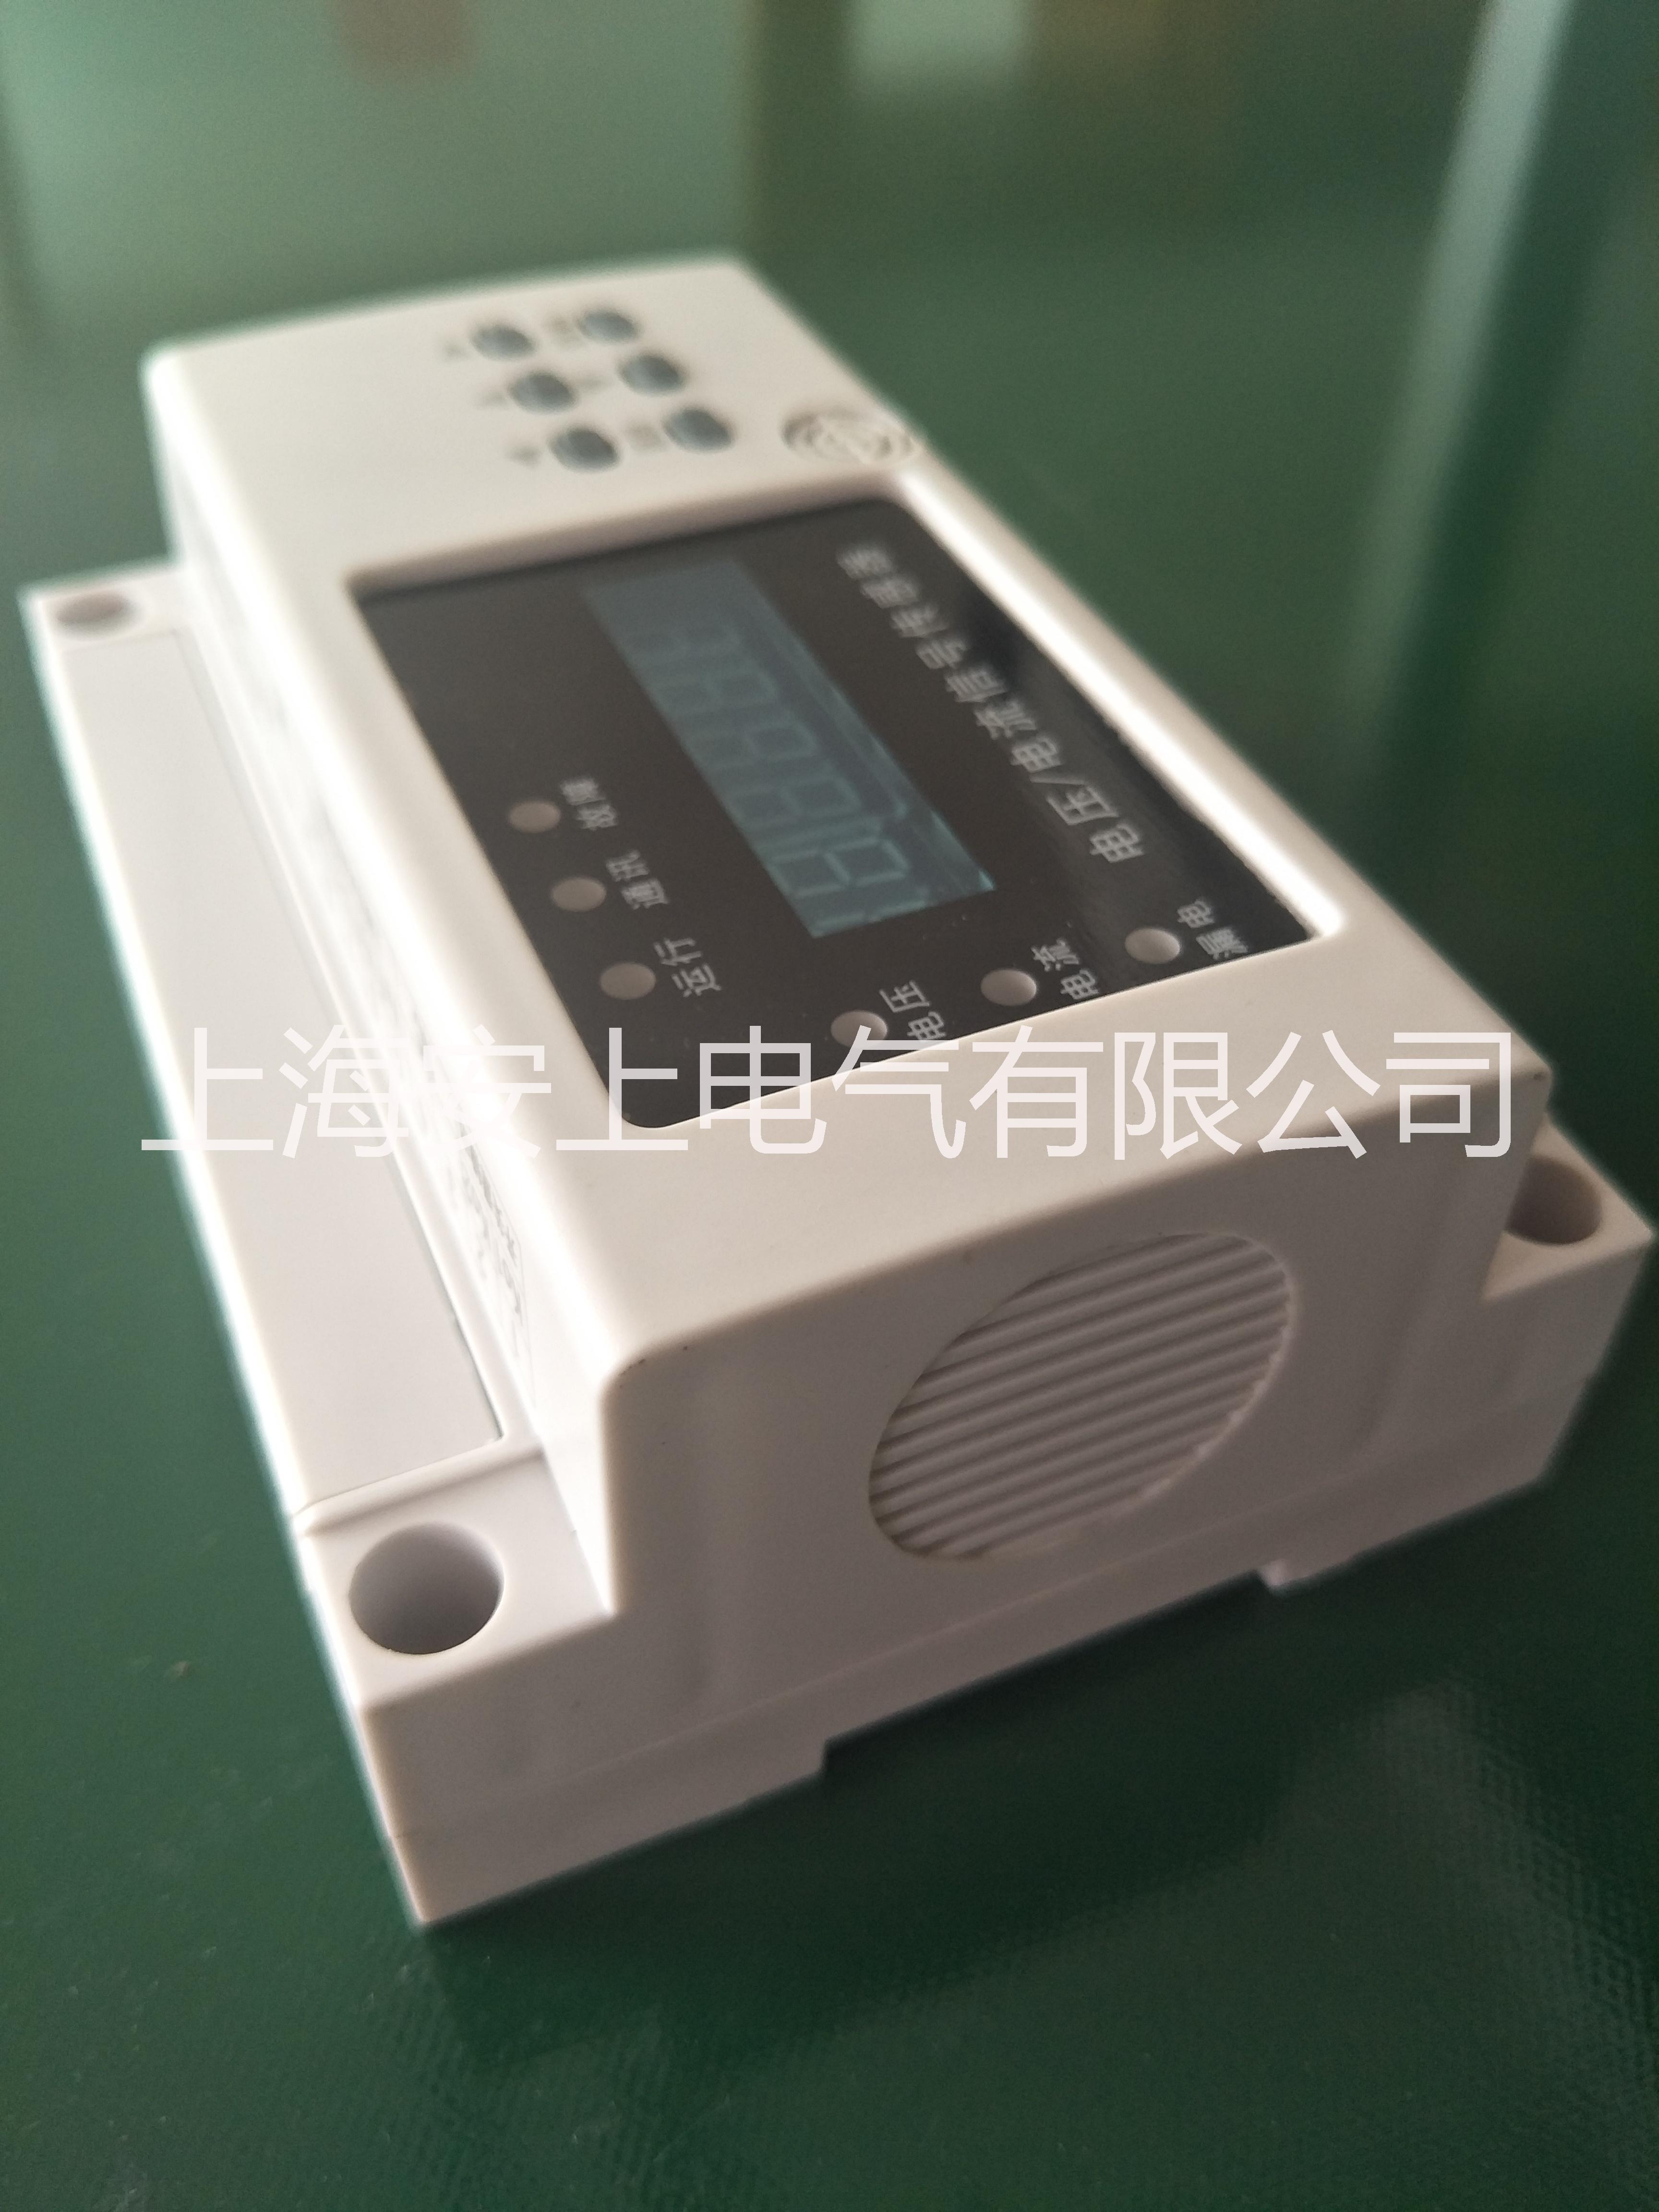 消防电源监控传感器 消防电源监控模块 消防设备电源监控传感器